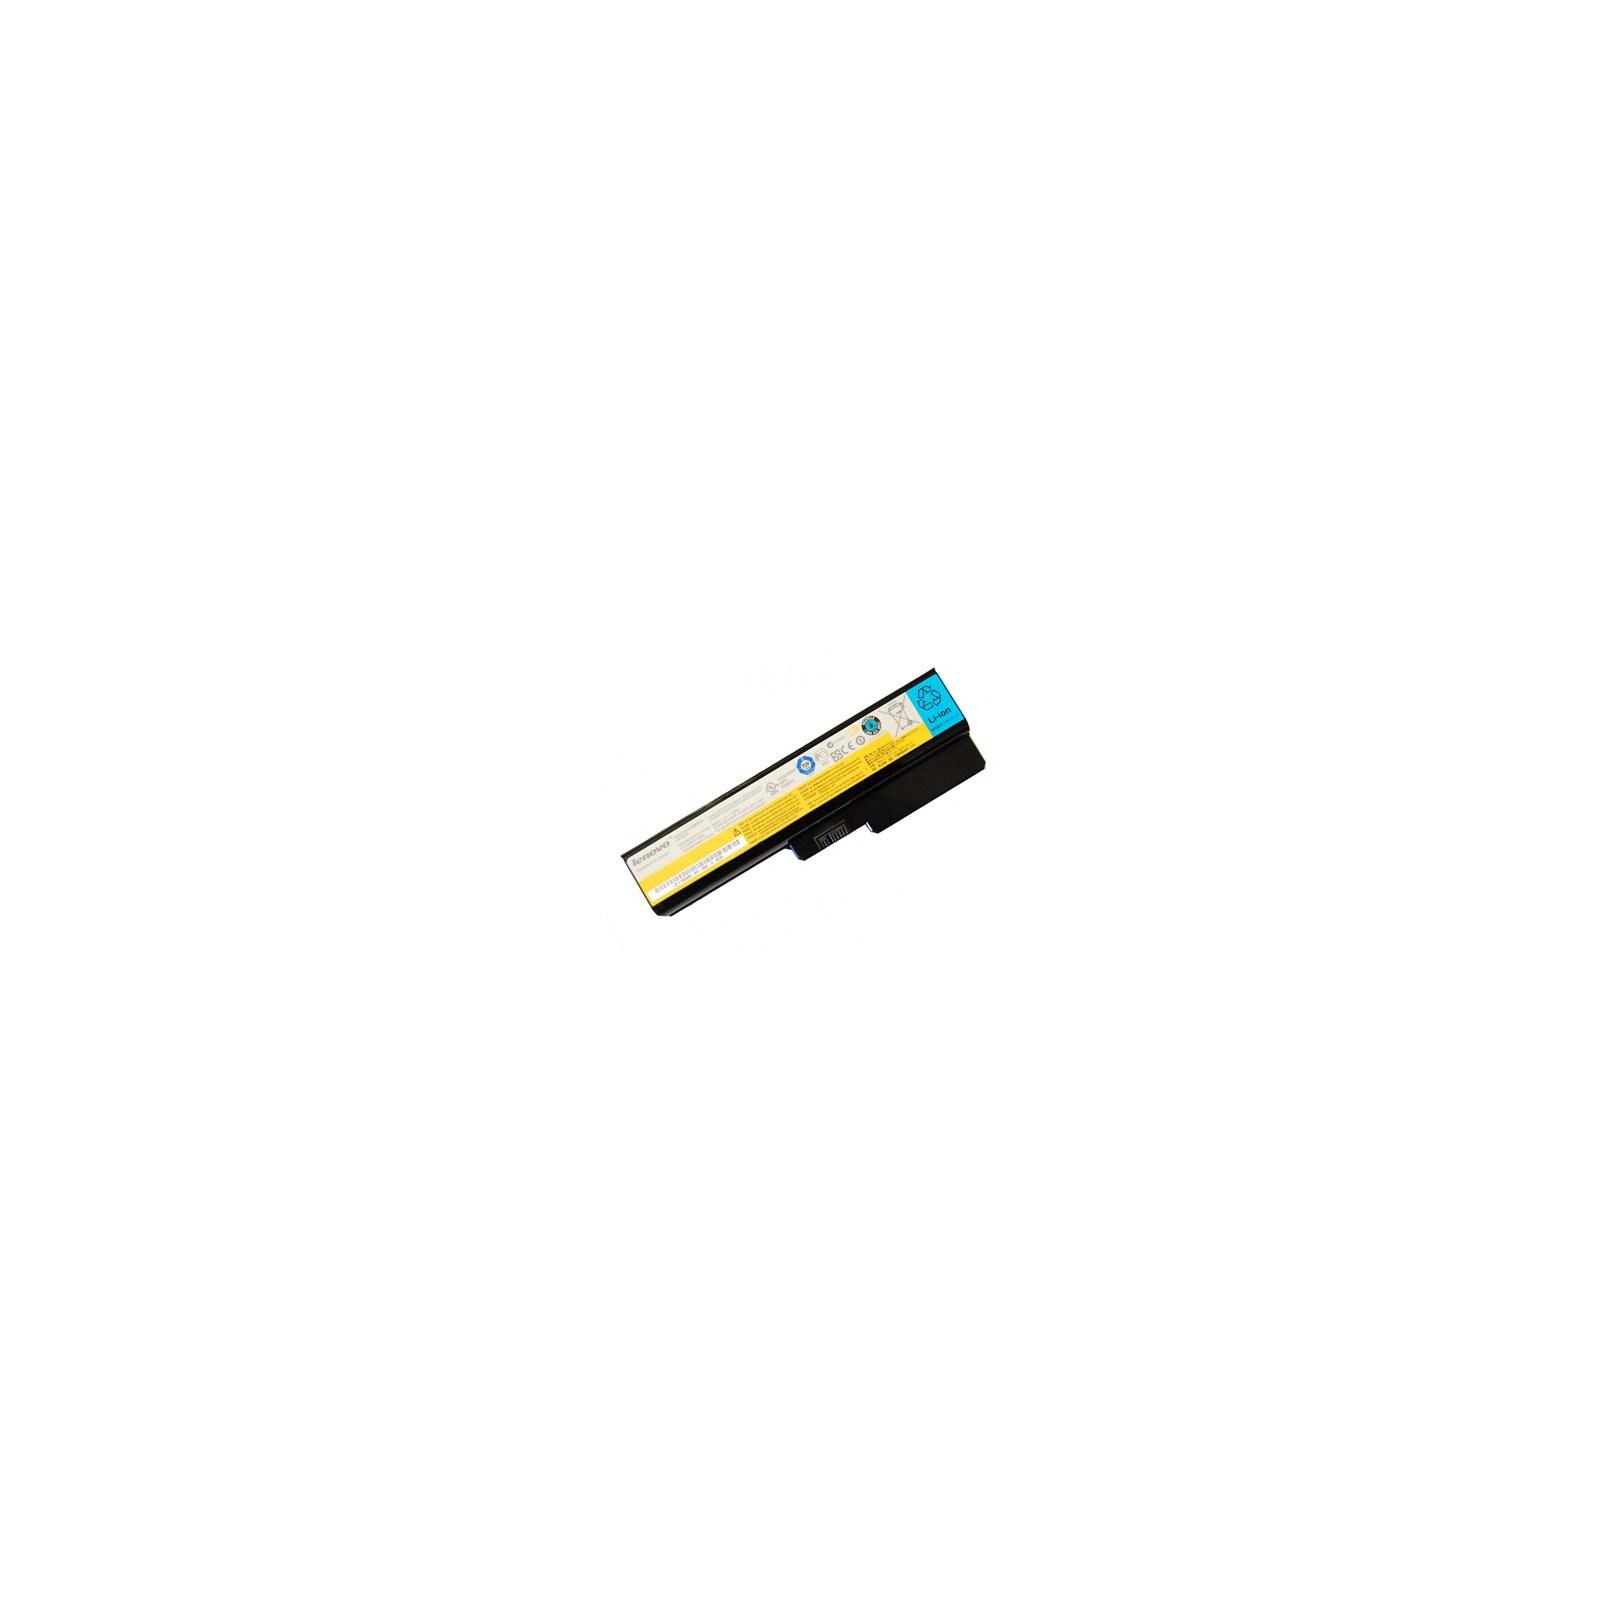 Аккумулятор для ноутбука Lenovo 42T4585 IdeaPad G430 (42T4585 BO 48)